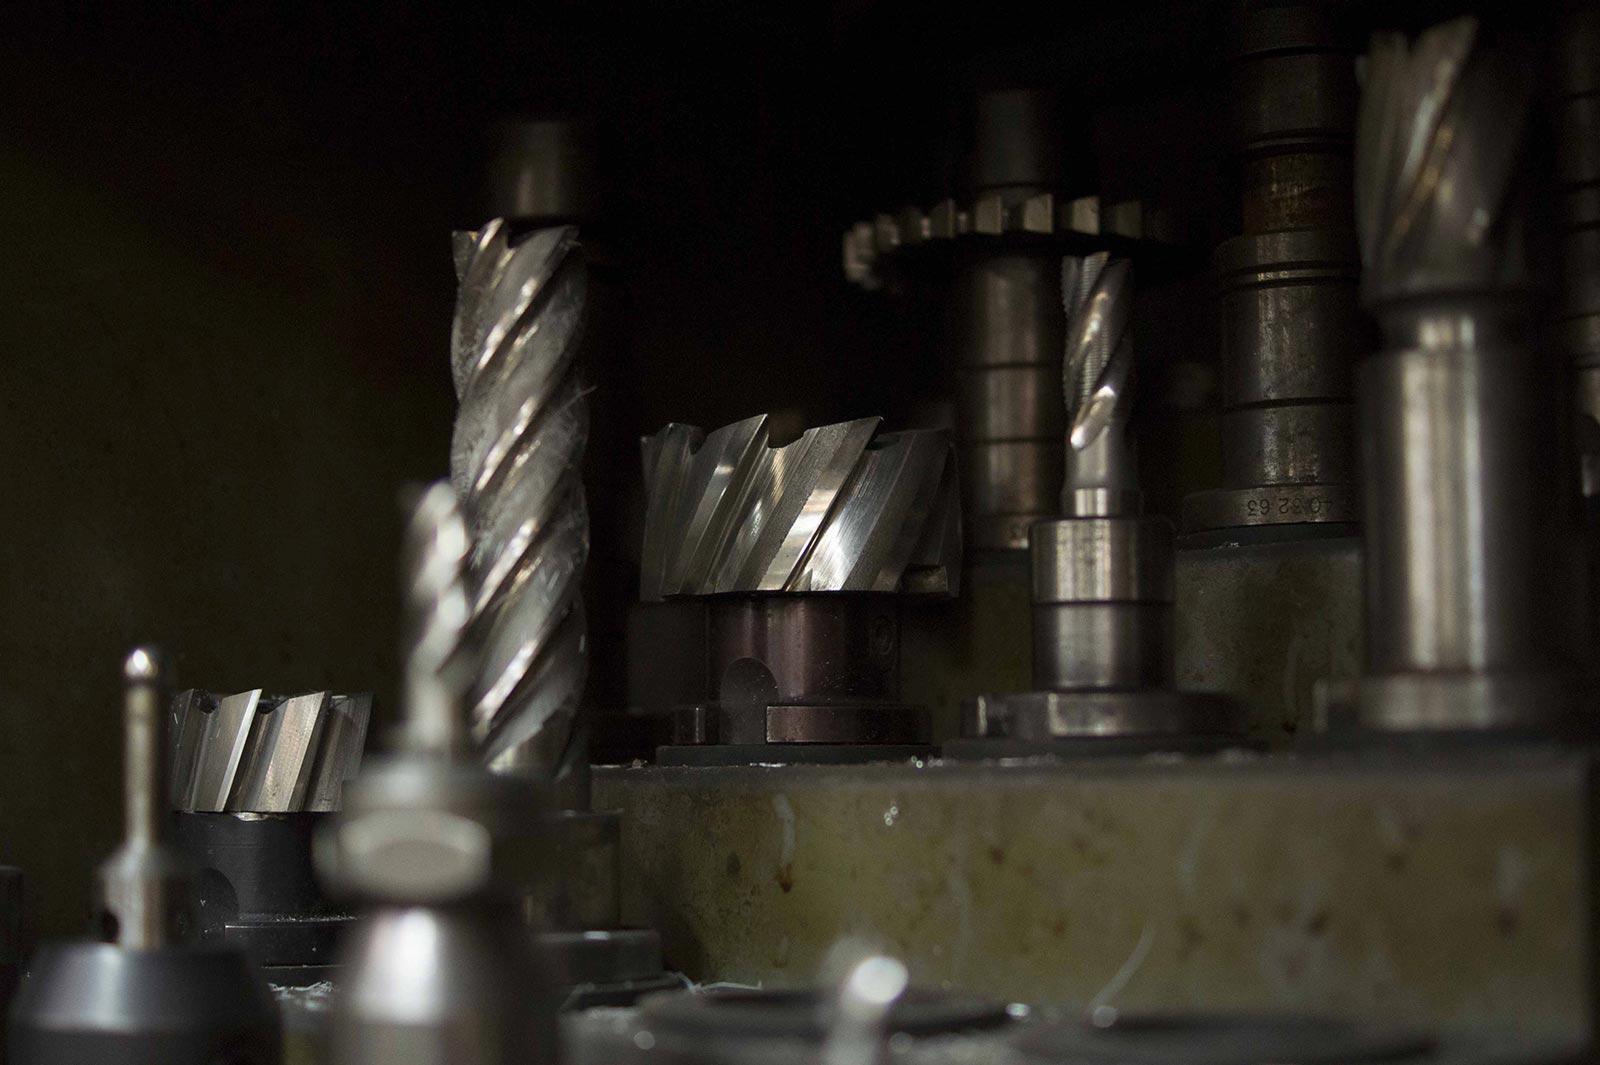 Fabricant Poele A Bois Espagne fabricant de poeles et cheminées | richard le droff